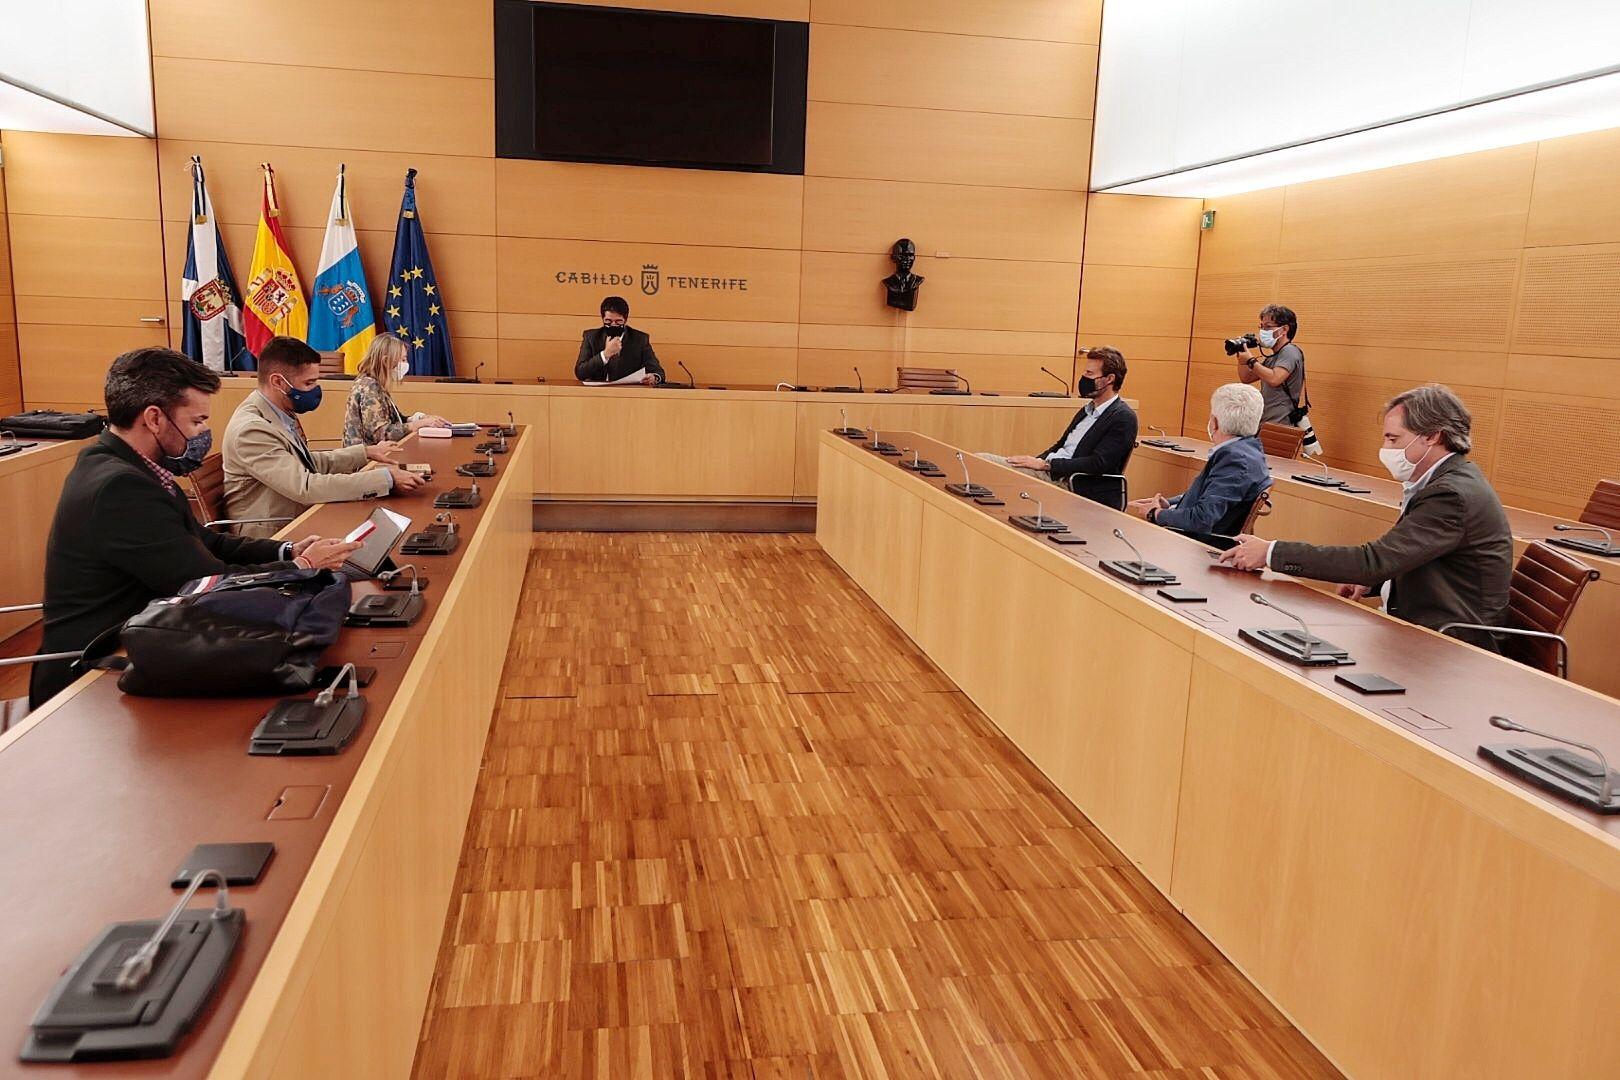 Comisión de seguimiento del convenio entre Cabildo y Acuaes